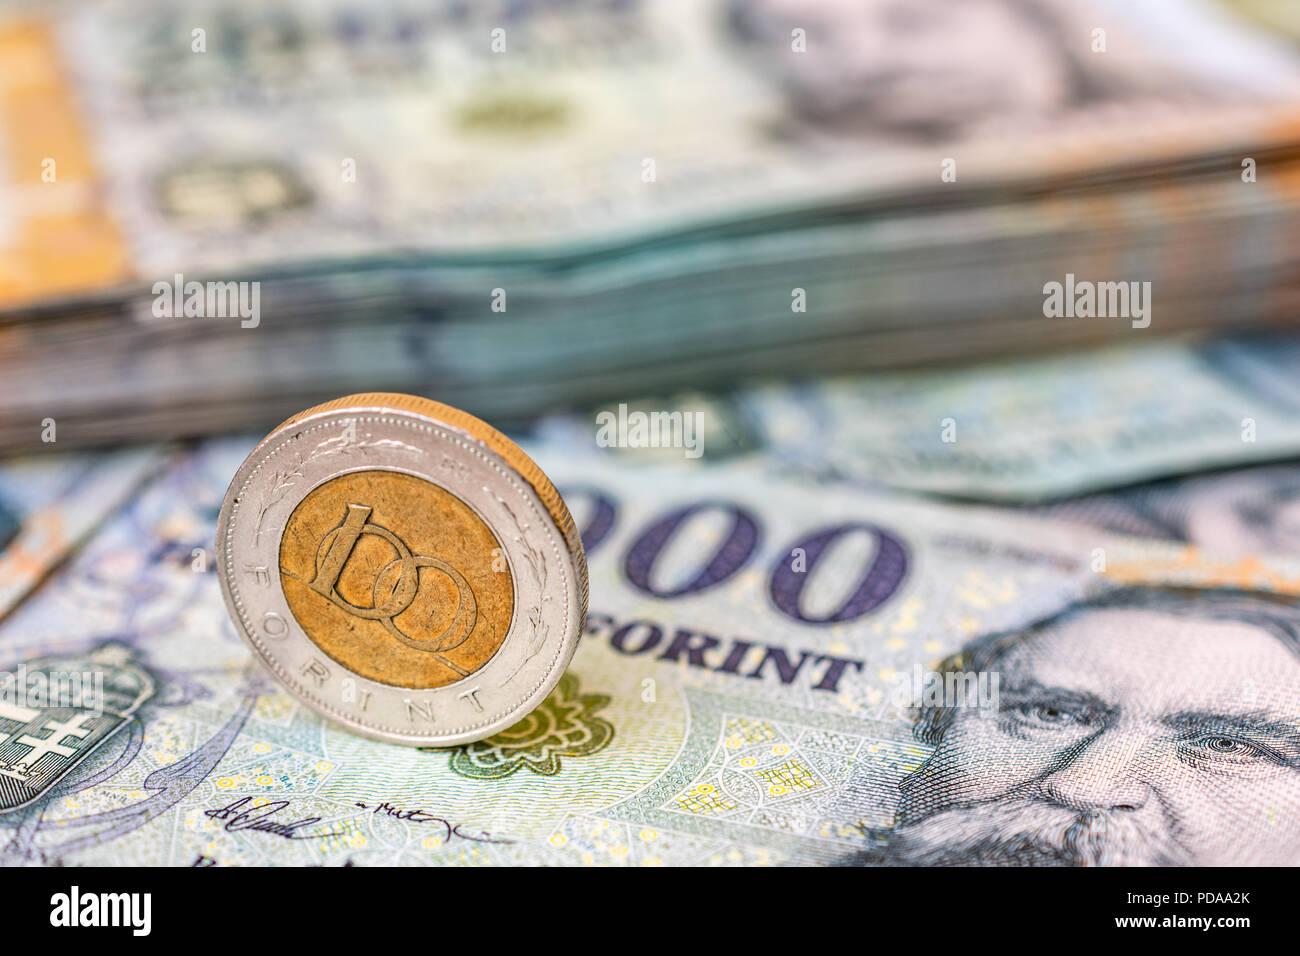 Ungarn 100 Forint Münze Hochkant Auf 20000 Forint Banknoten Mit